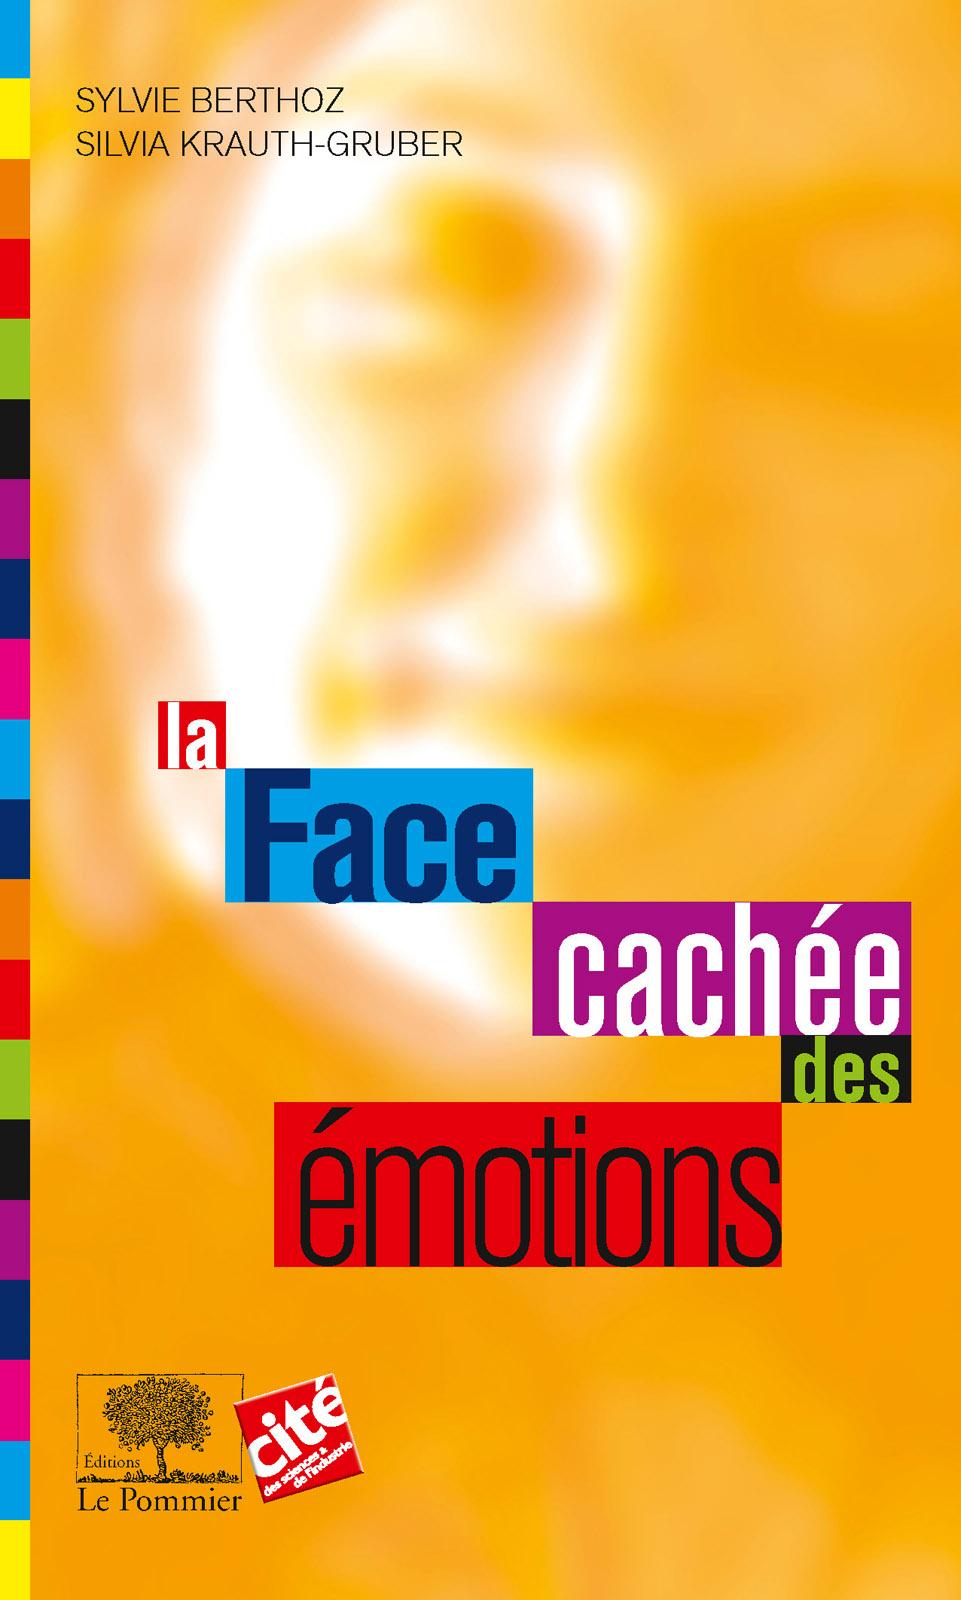 La Face cachée des émotions